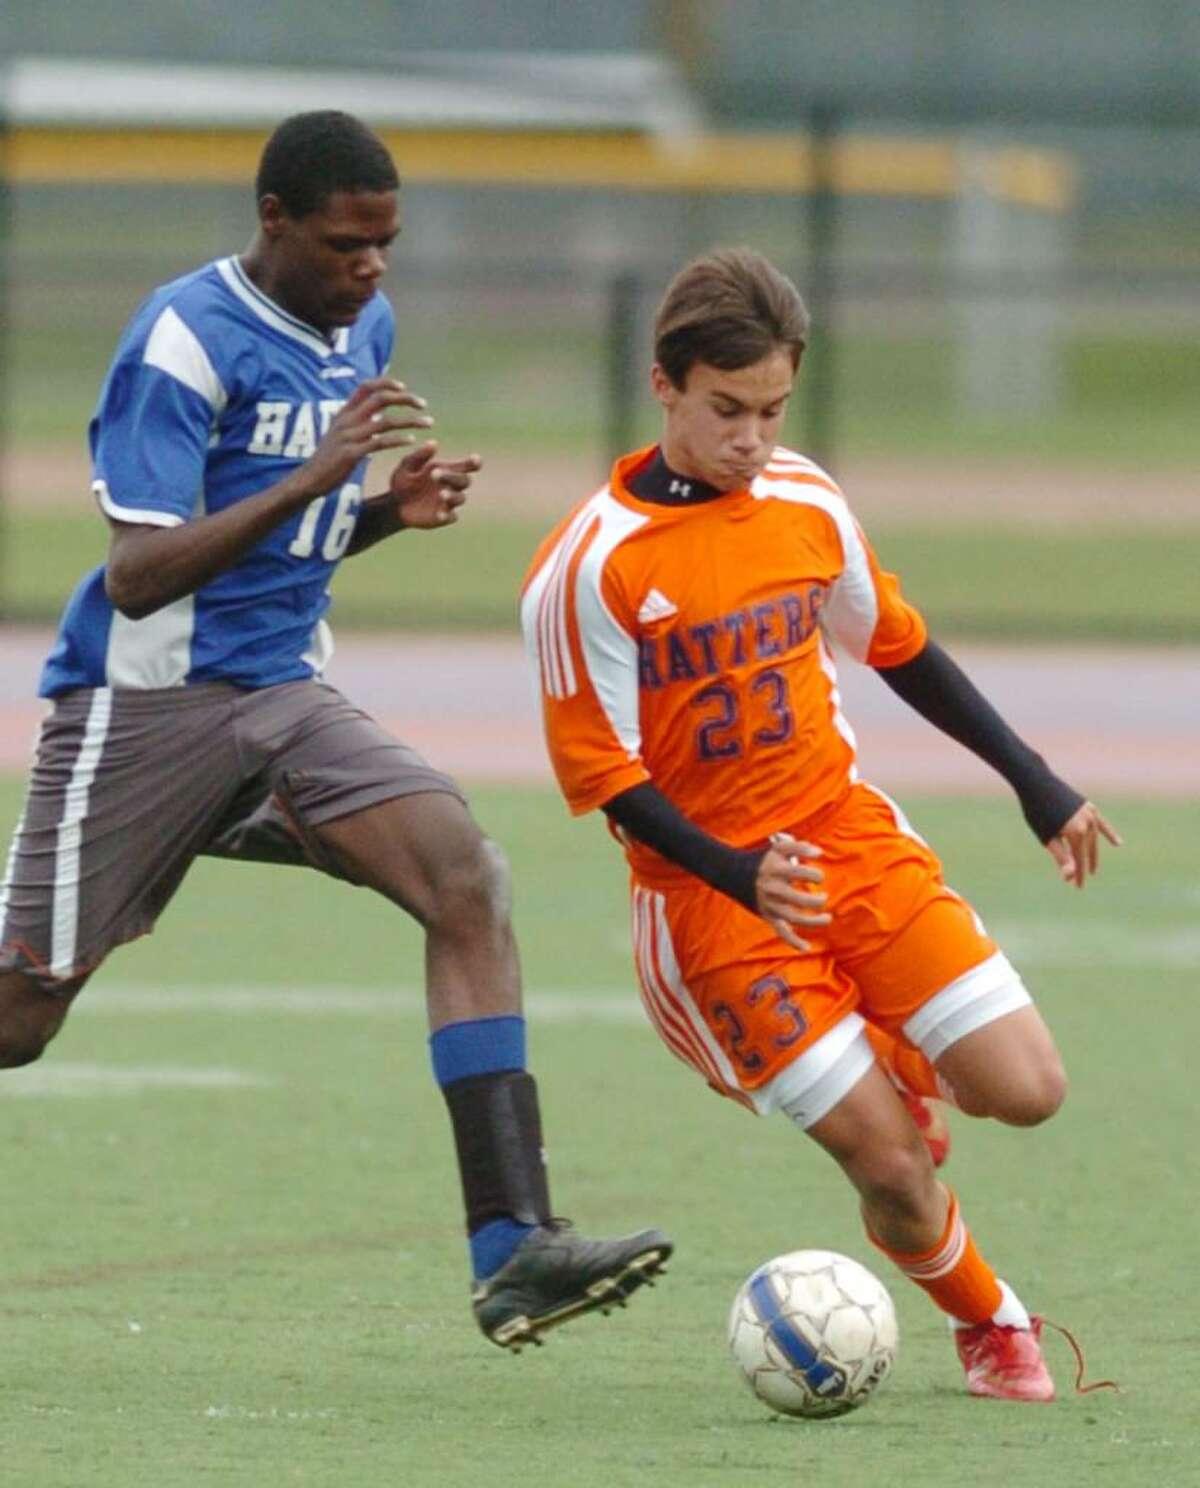 Danbury's 23, Partick De Angelo and Harding's, 16 Gavin Reid, play soccer against Harding at Danbury High Wednesday, Oct. 14, 2009.